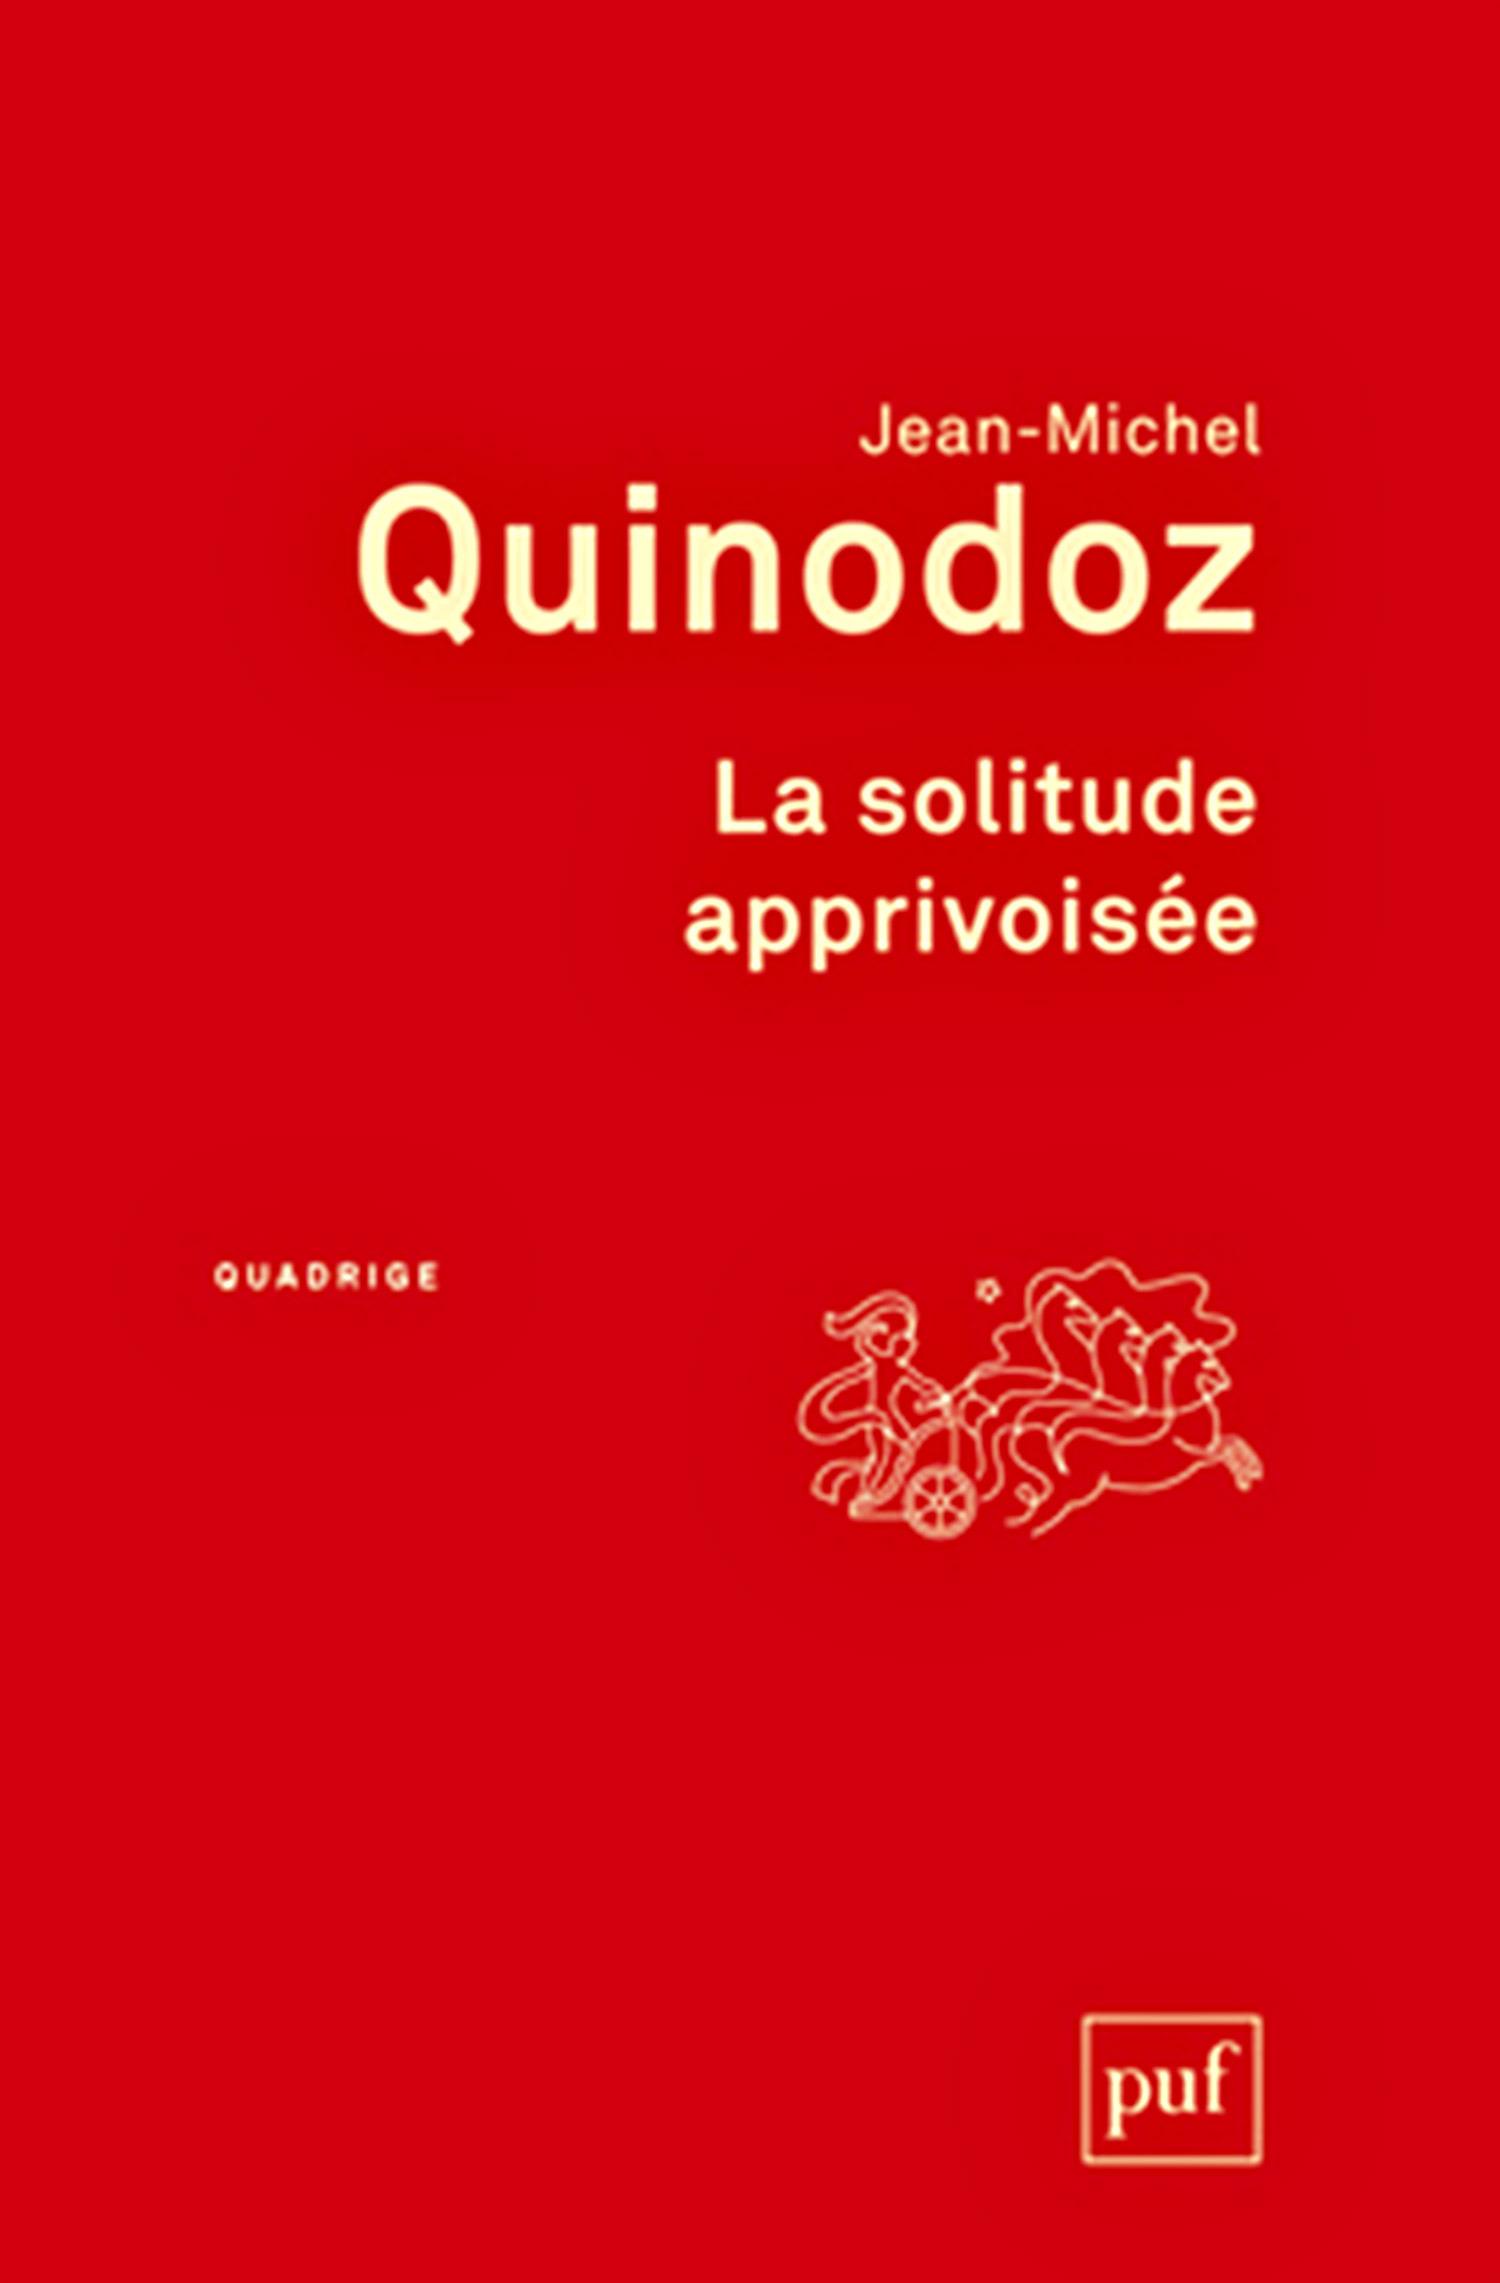 La solitude apprivoisée (4e édition)